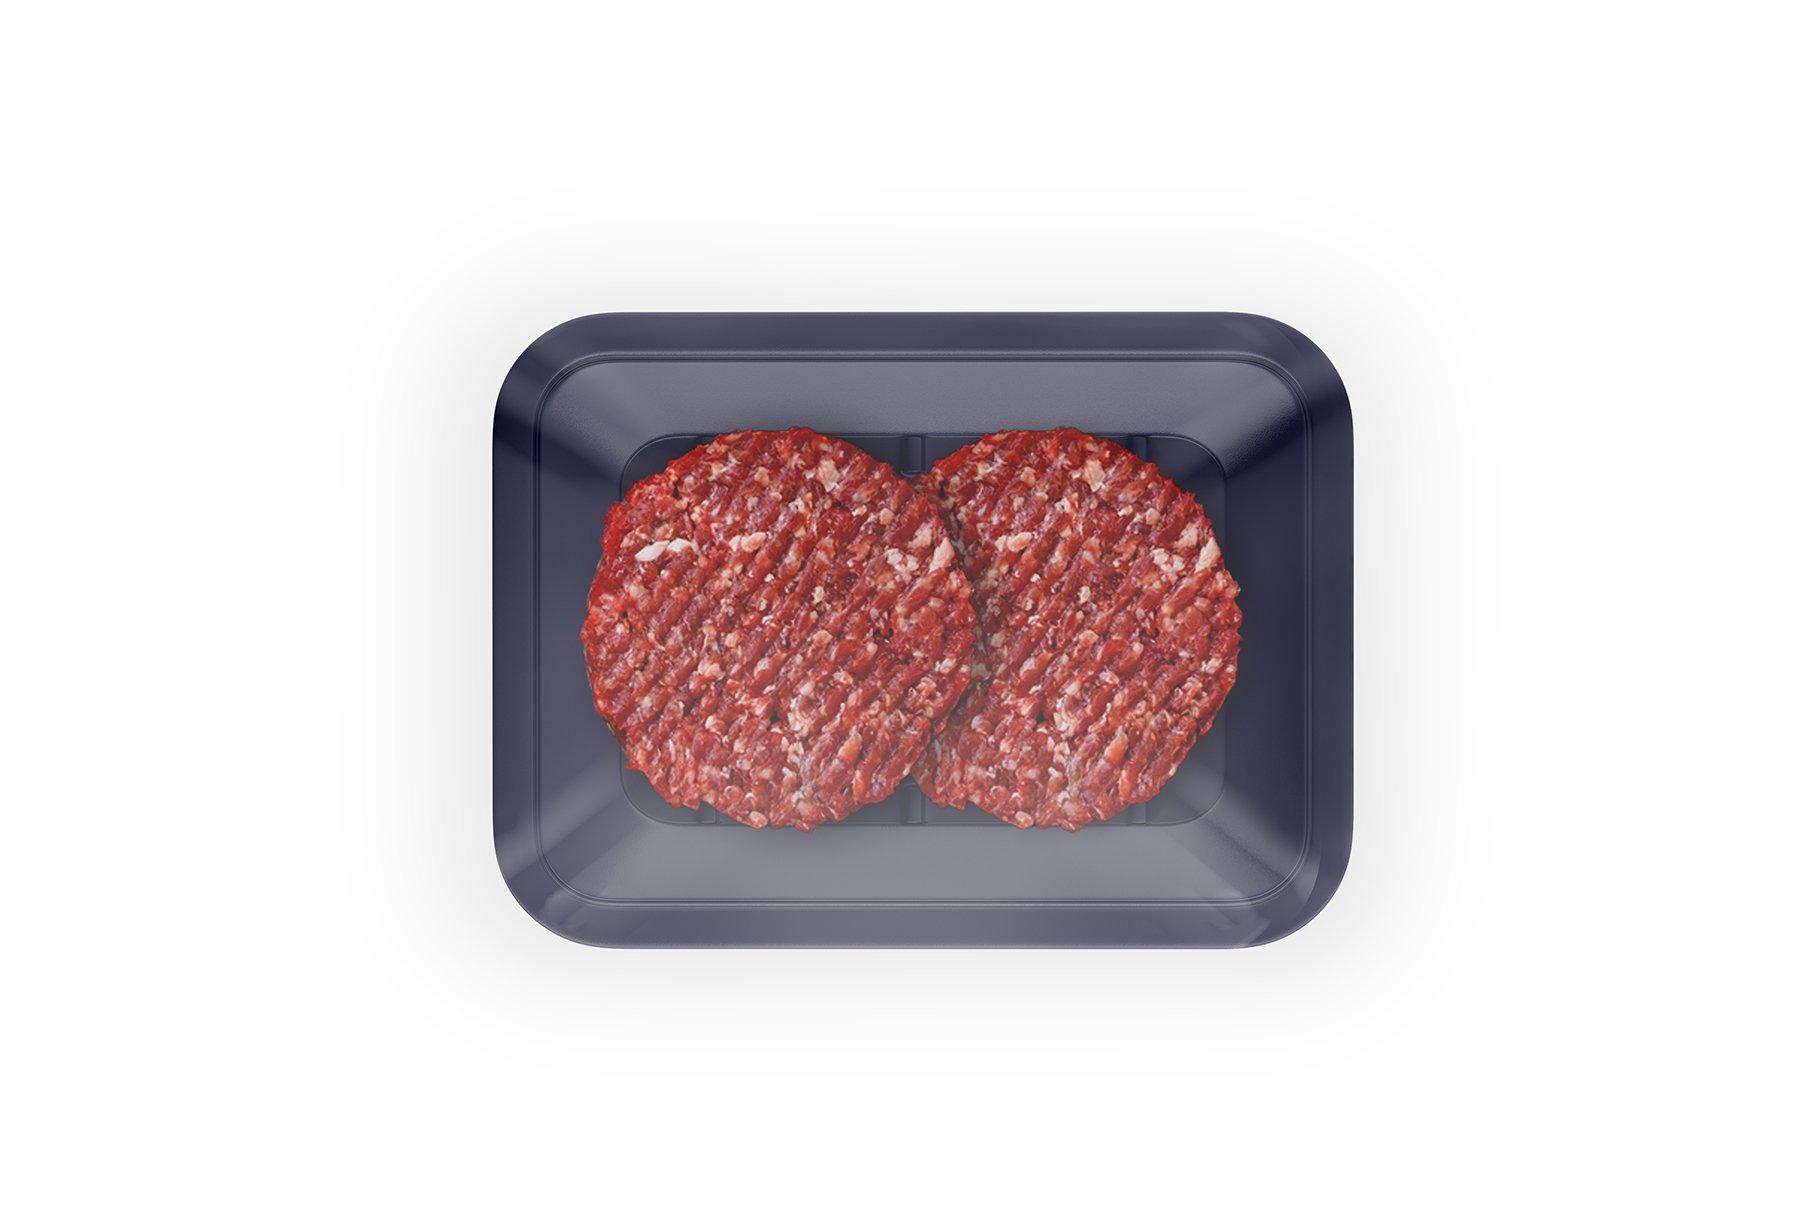 有机牛肉饼托盘设计展示样机 Organic Beef Cutlets Mockup插图(1)